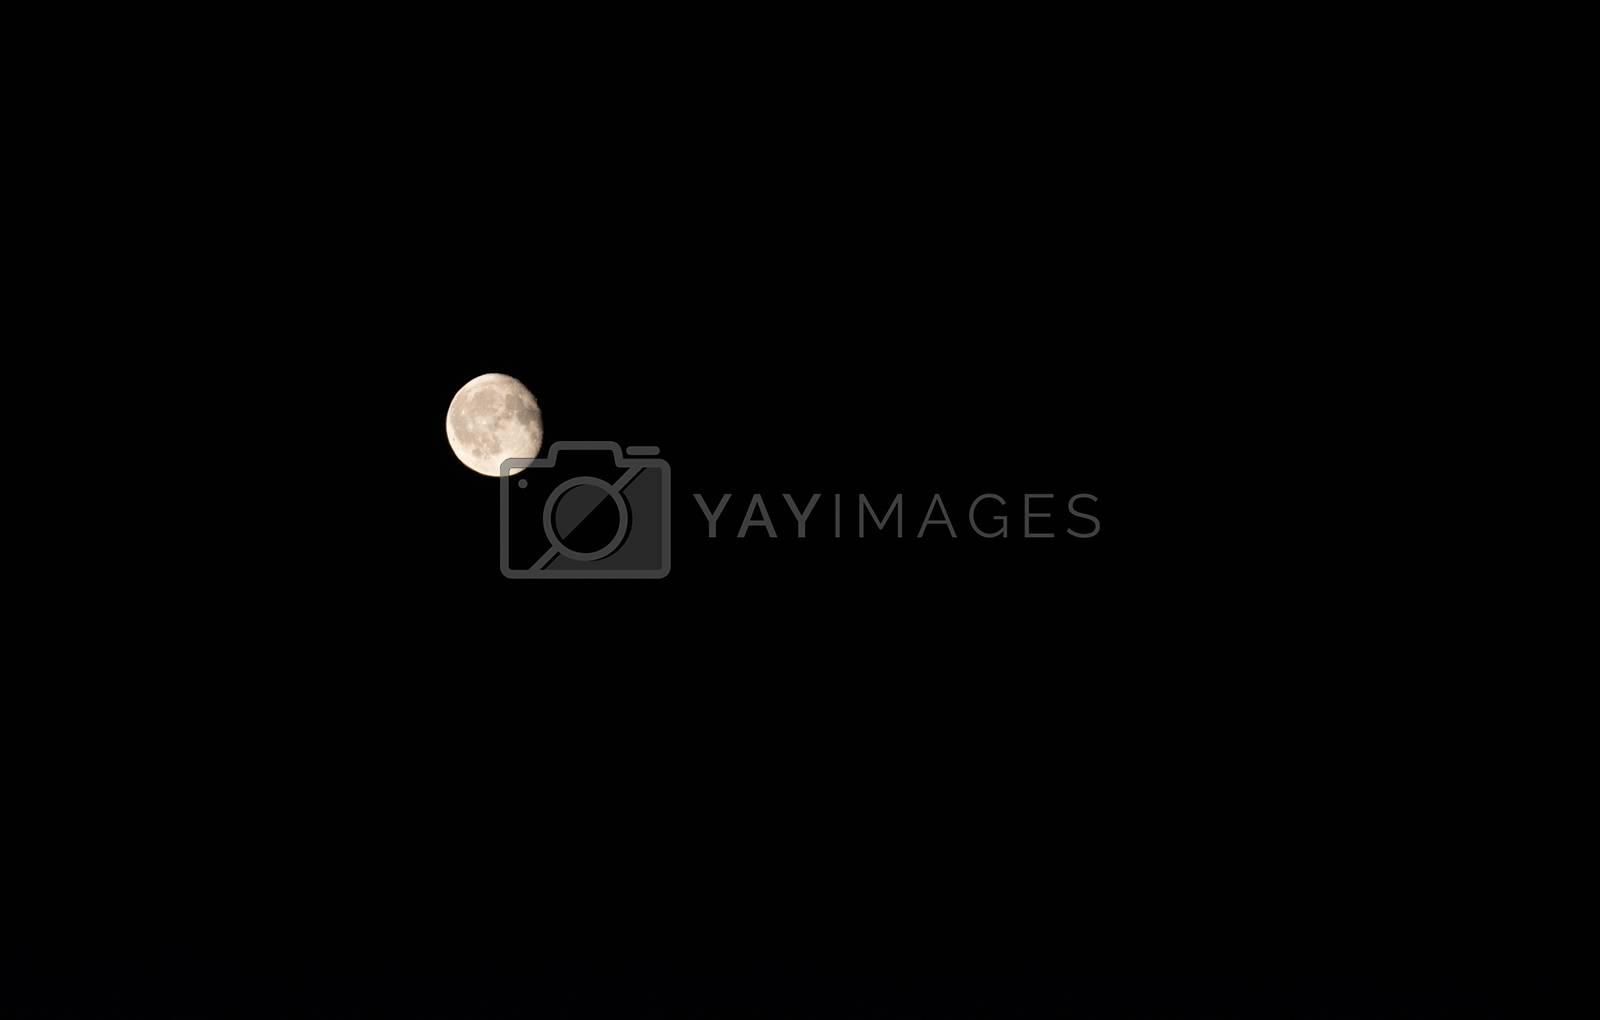 Full moon over dark black sky at night.